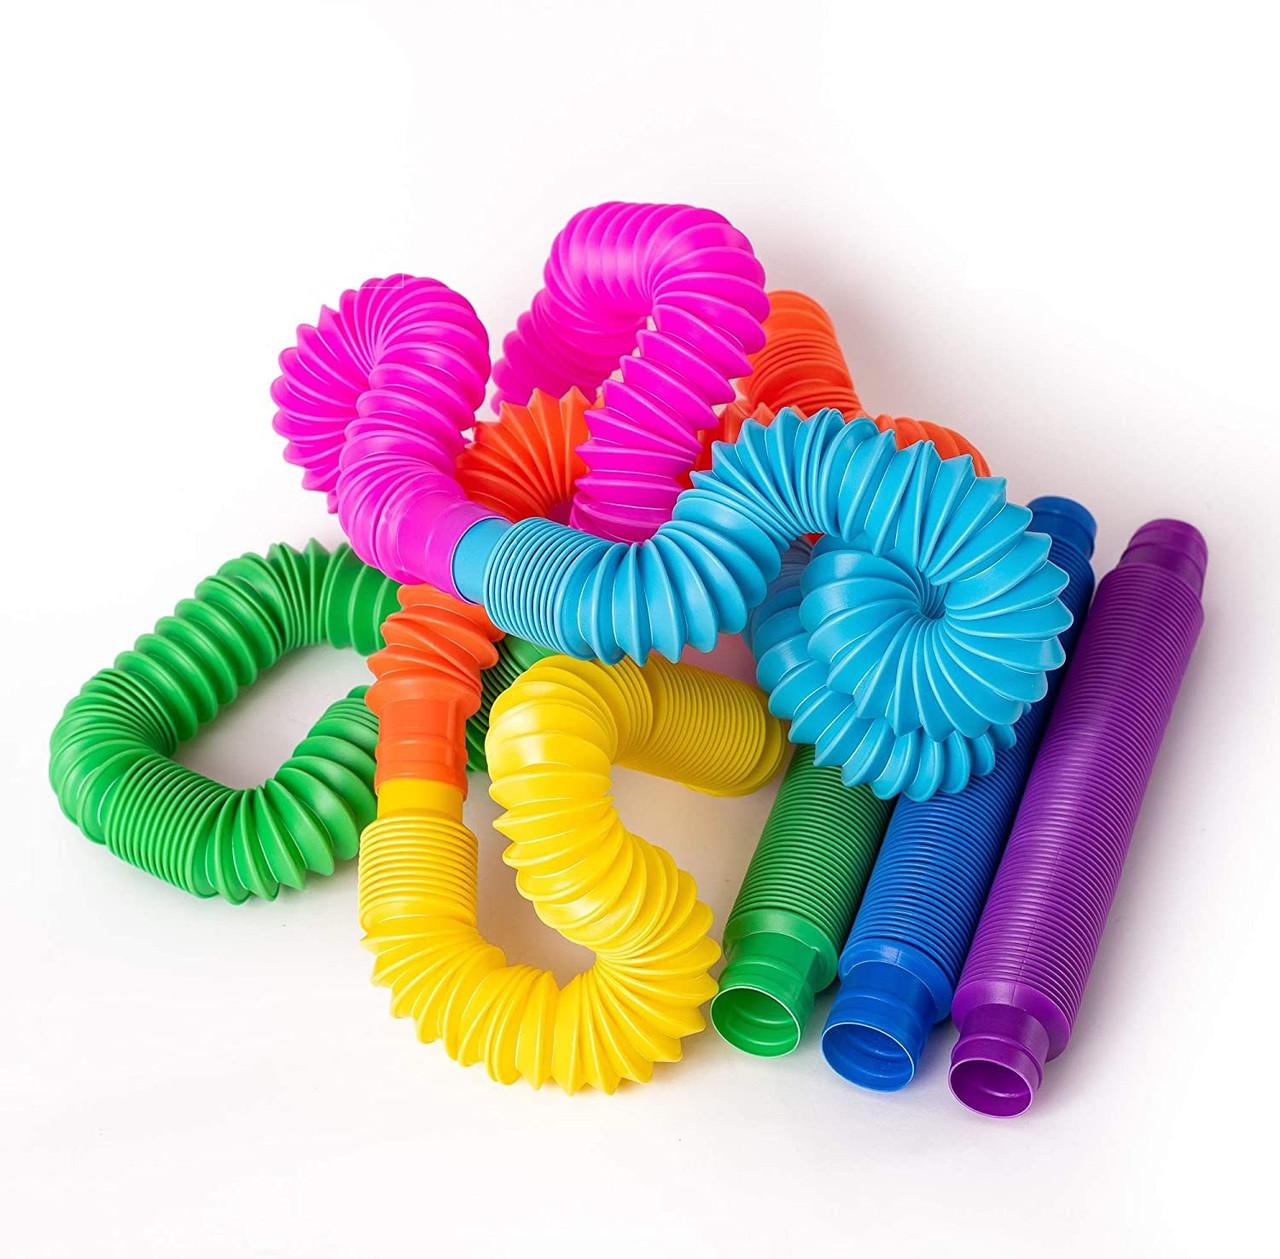 Развивающая сенсорная детская игрушка Pop Tube антистресс поп туб 8 шт набор 15х1 см POP-TB-47